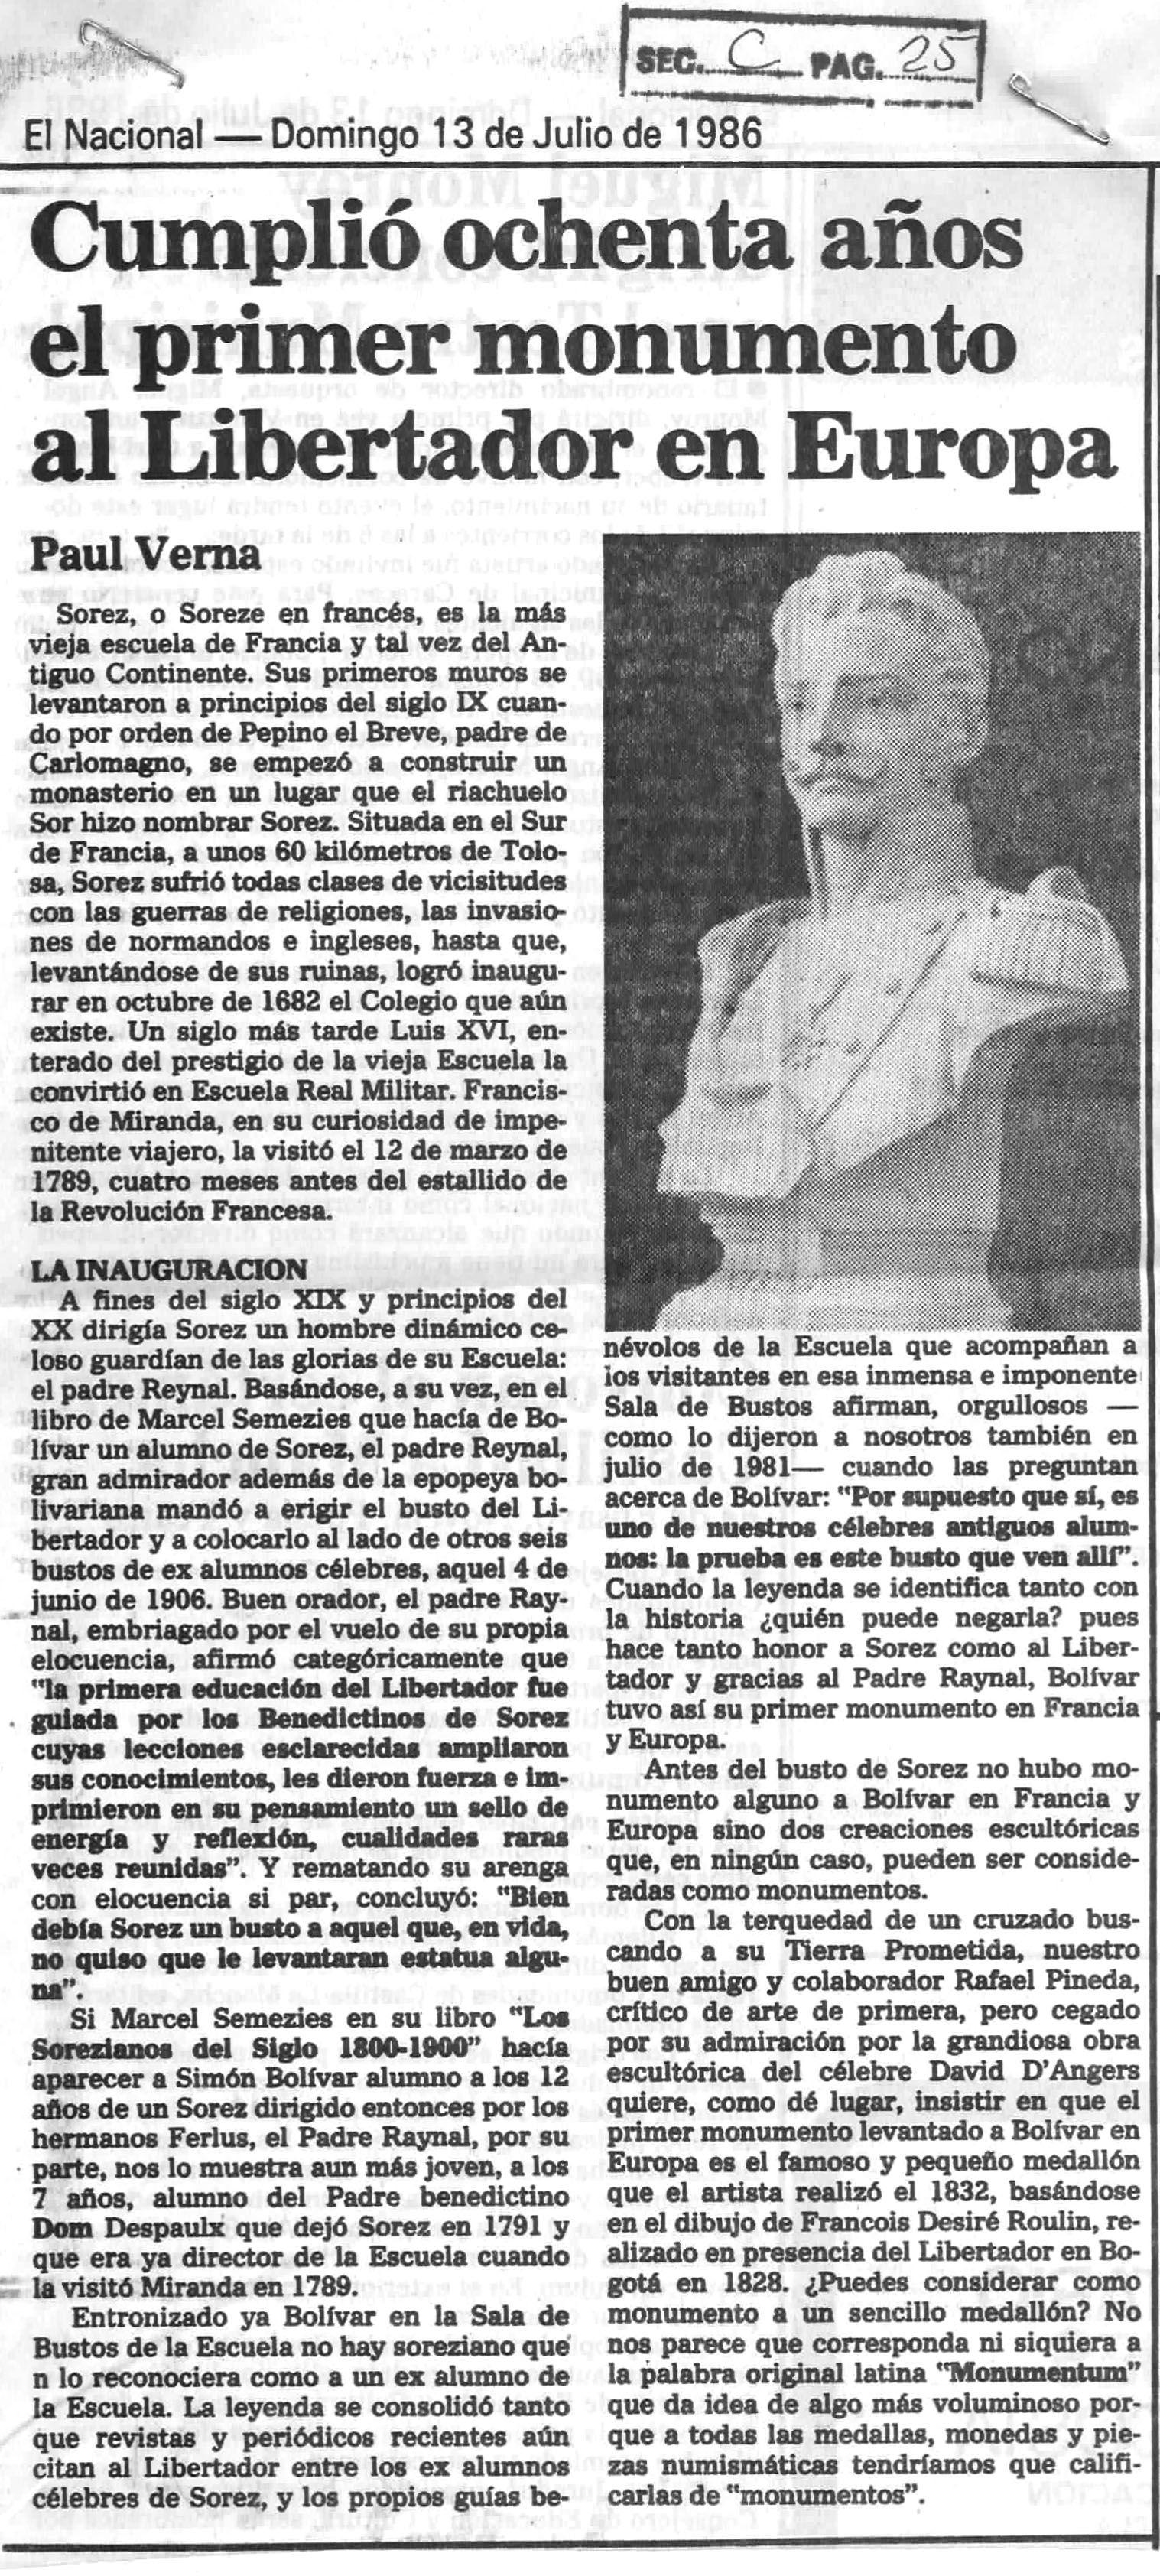 Cumplió 80 años el primer monumento al Libertador en Europa. Publicado el 13 de julio de 1986.